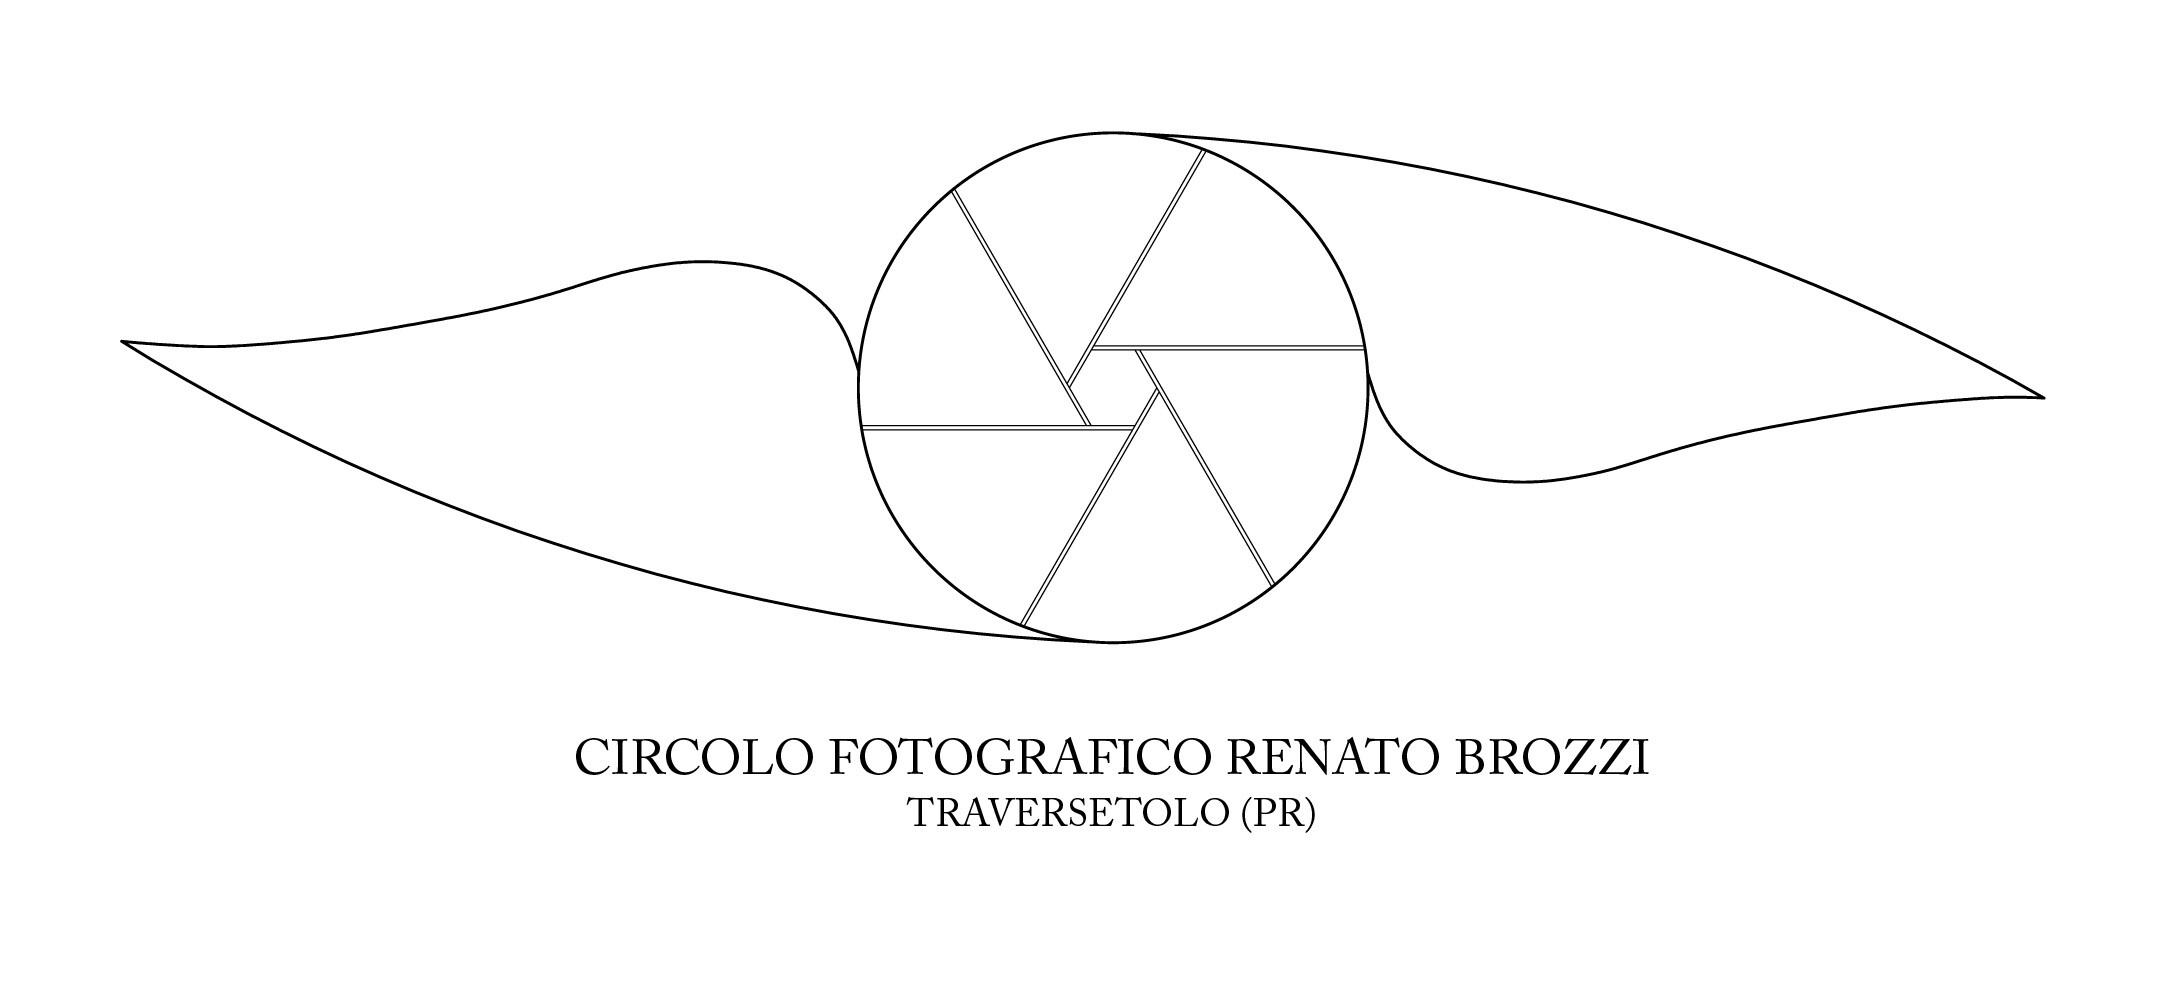 APPUNTAMENTO ONLINE AL BROZZI col fotografo Bruno Frazzi, socio del circolo fotografico Renato Brozzi